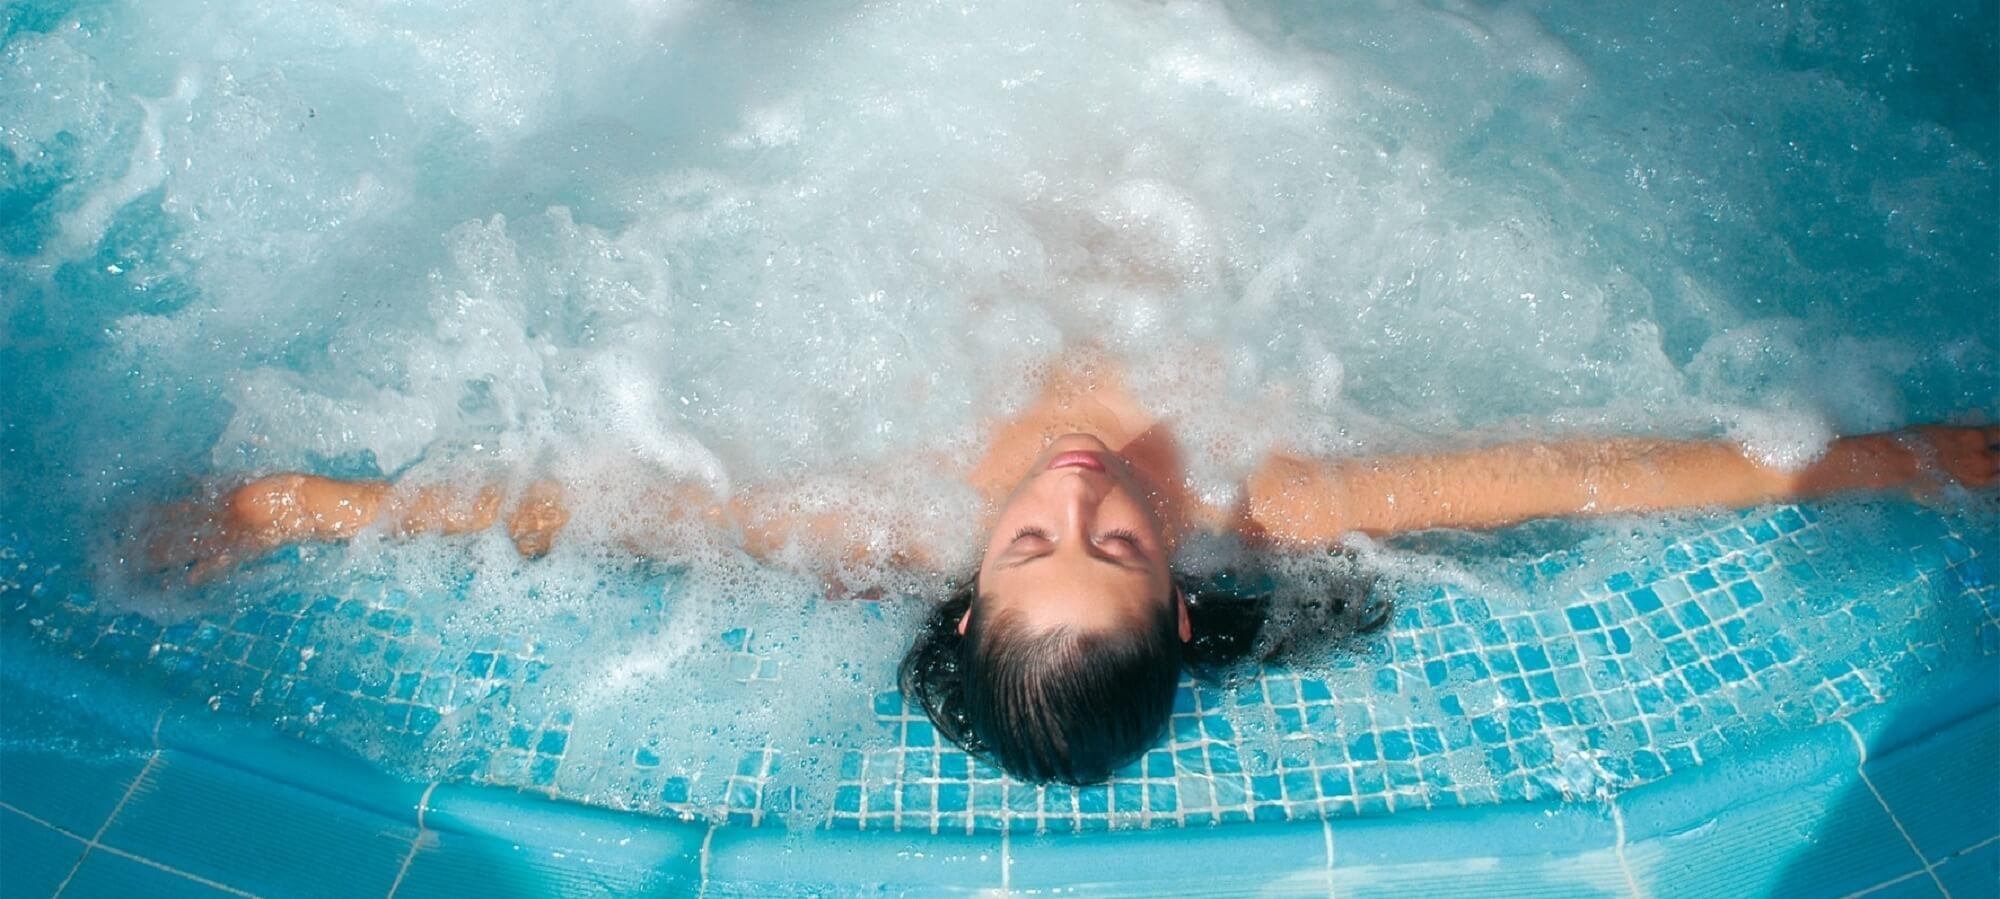 seance-spa-gratuit-tunisie